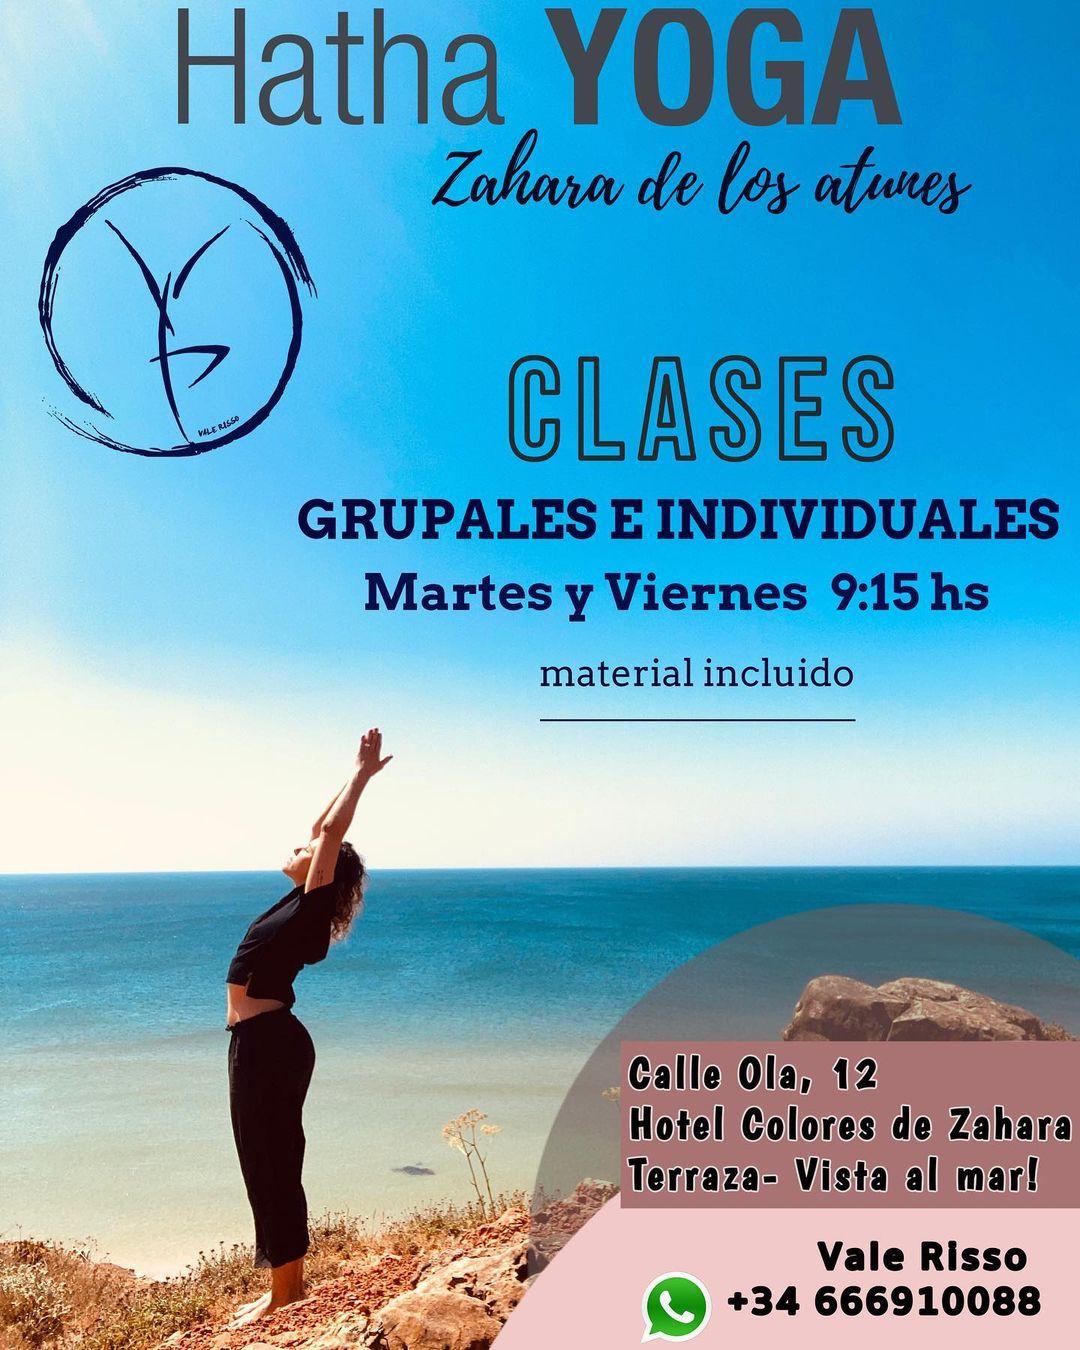 Clases de Yoga con vistas al mar en la terraza del Hotel Colores Zahara